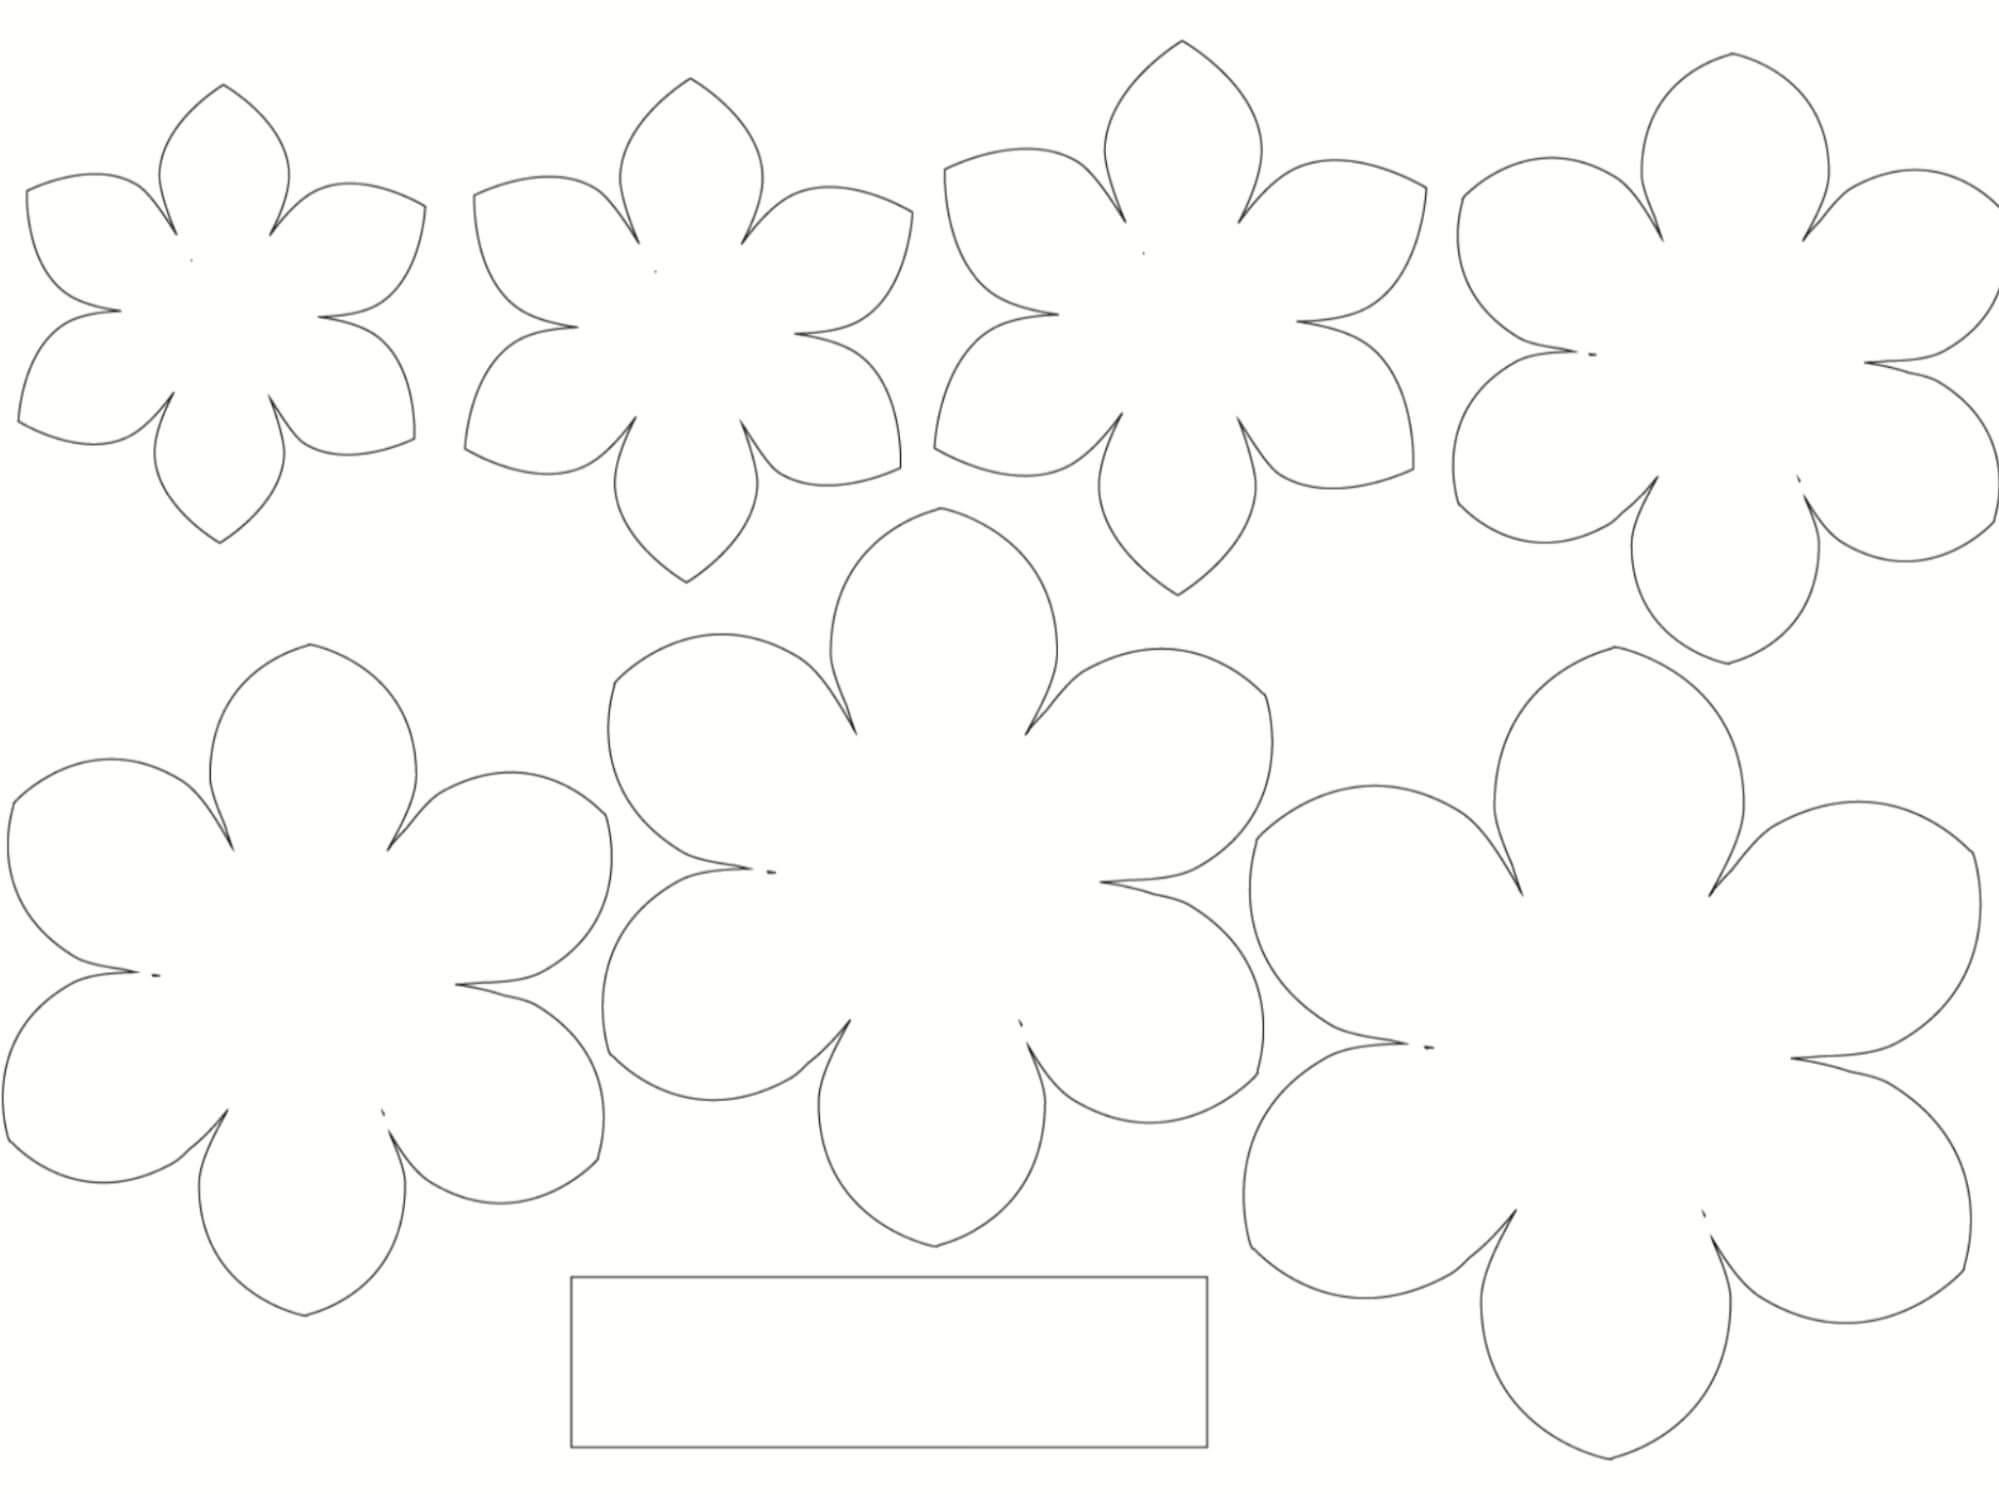 стили, цветок из бумаги на открытку шаблон столь экстравагантны, чтобы